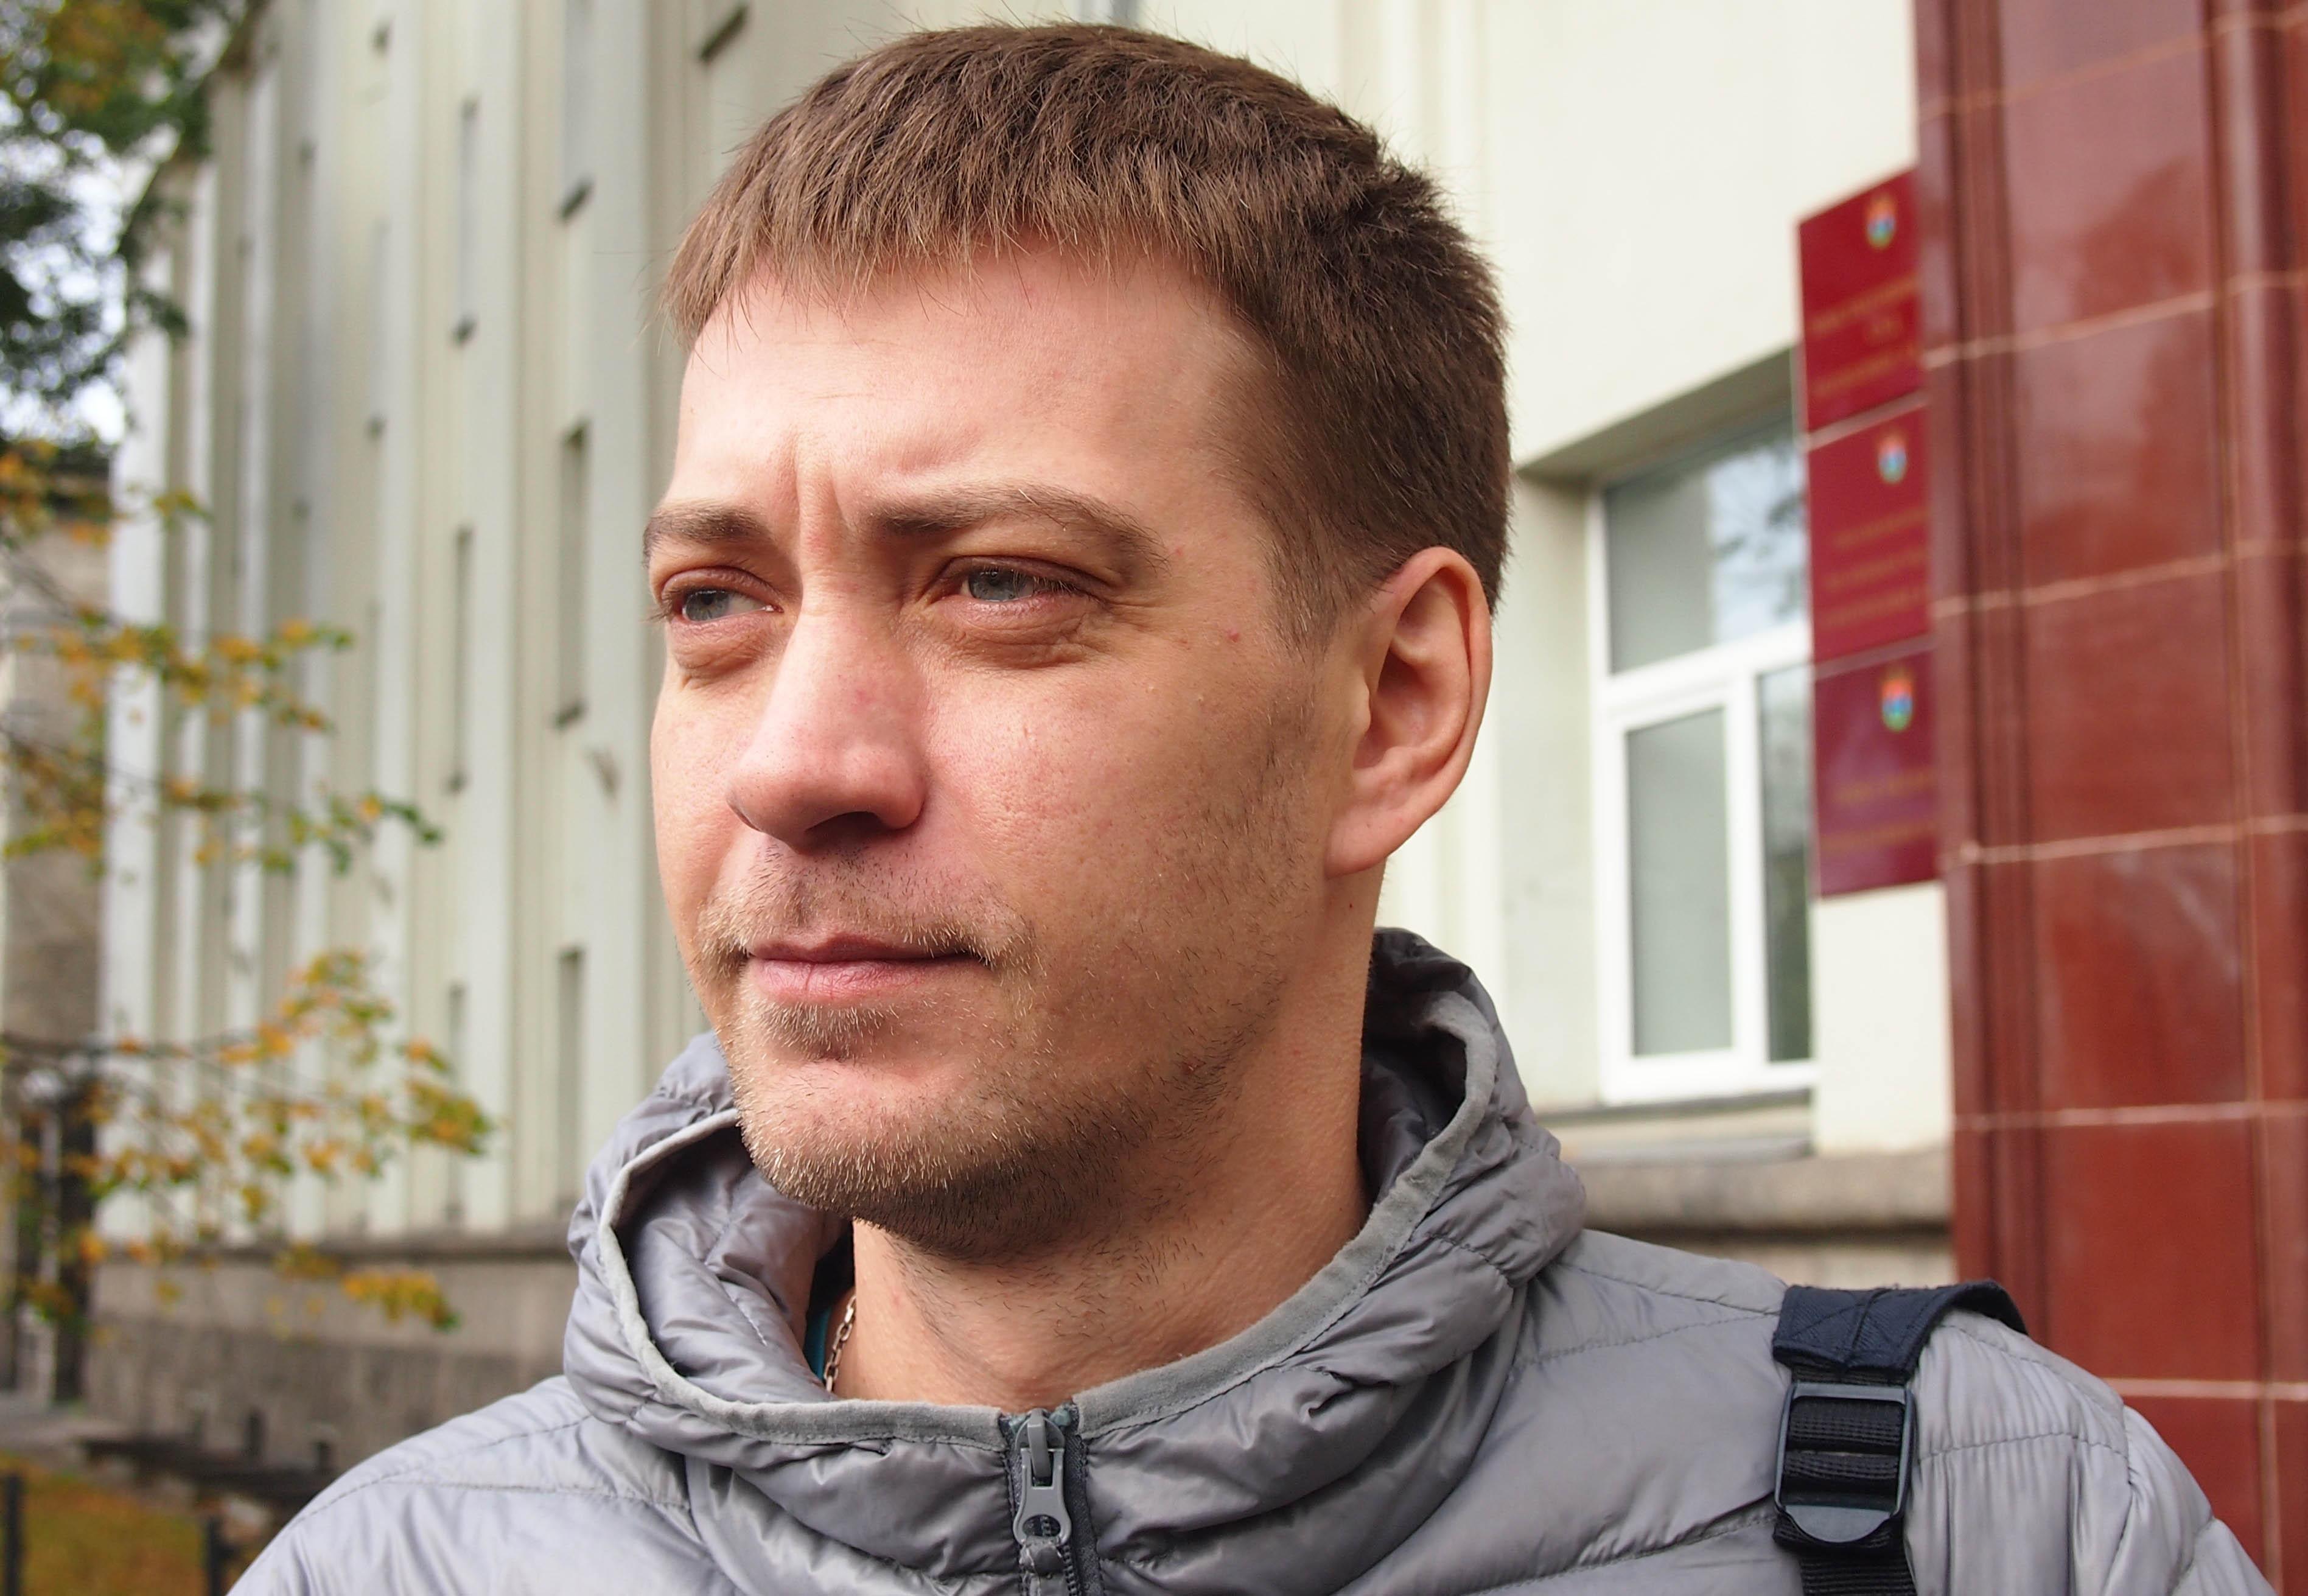 Один из тех, кто подписал обращение - председатель профильного комитета Андрей Рогалевич. Фото: Валерий Поташов